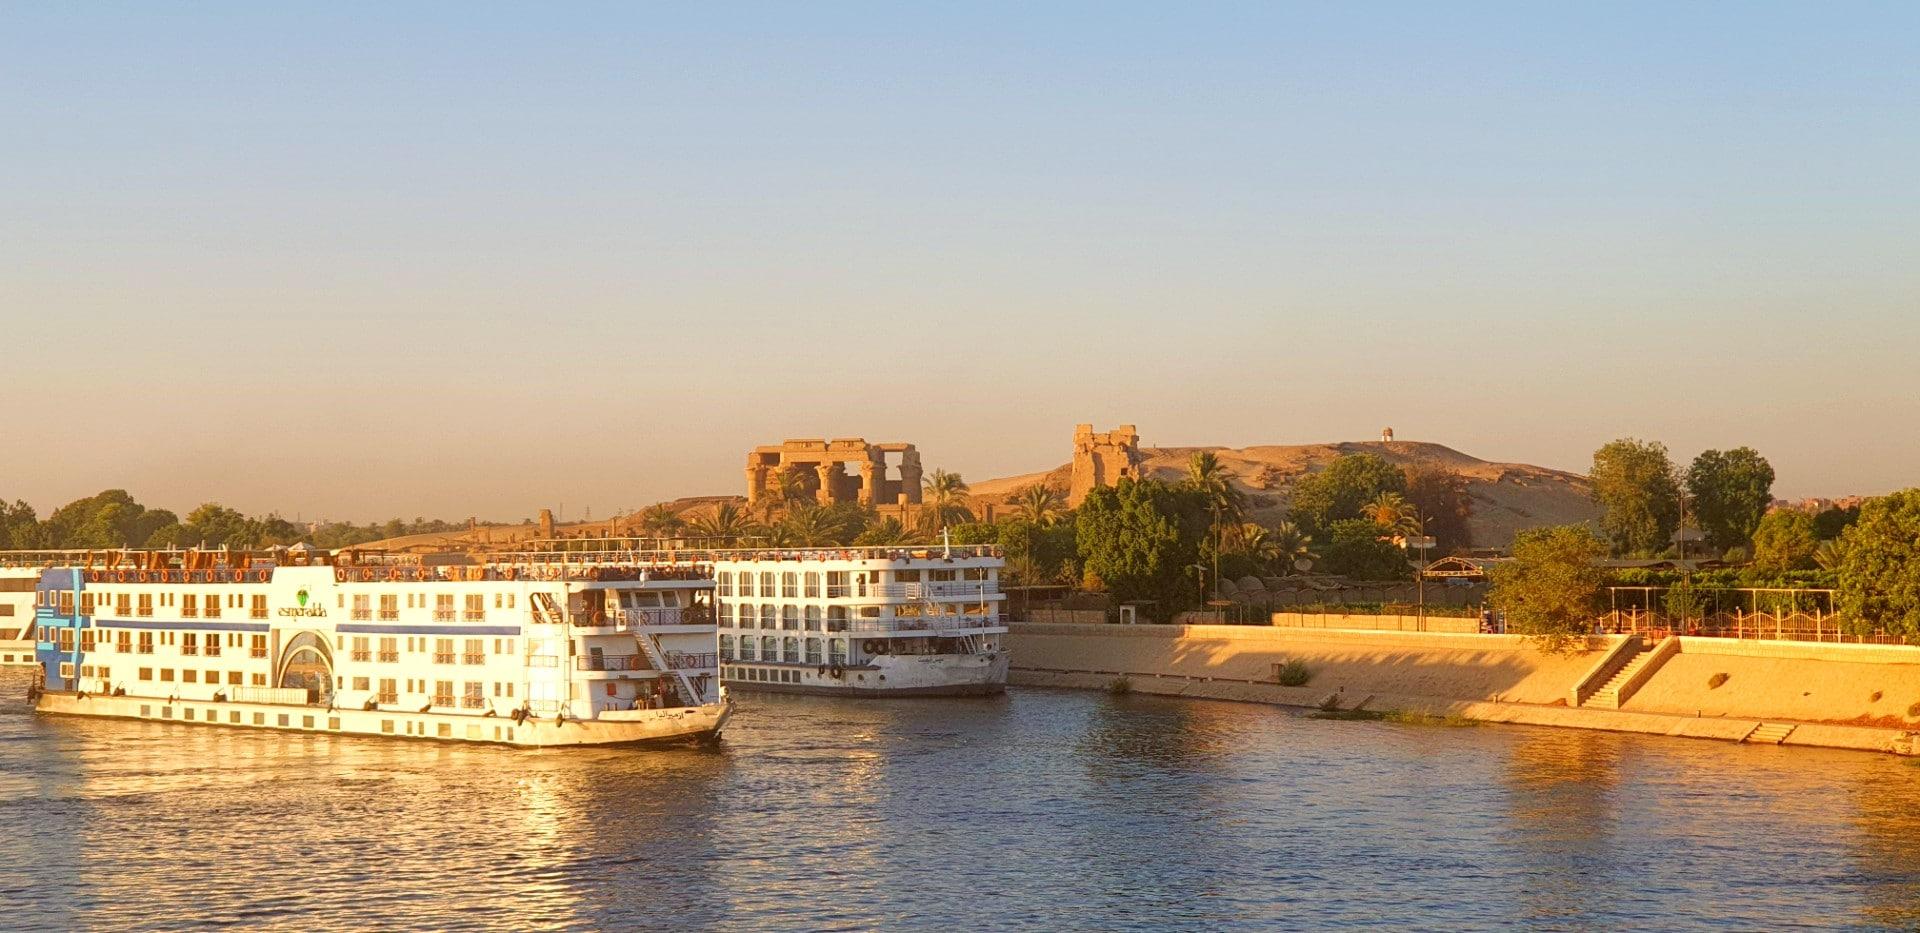 Quand partir en croisière sur le nil ? en Egypte.